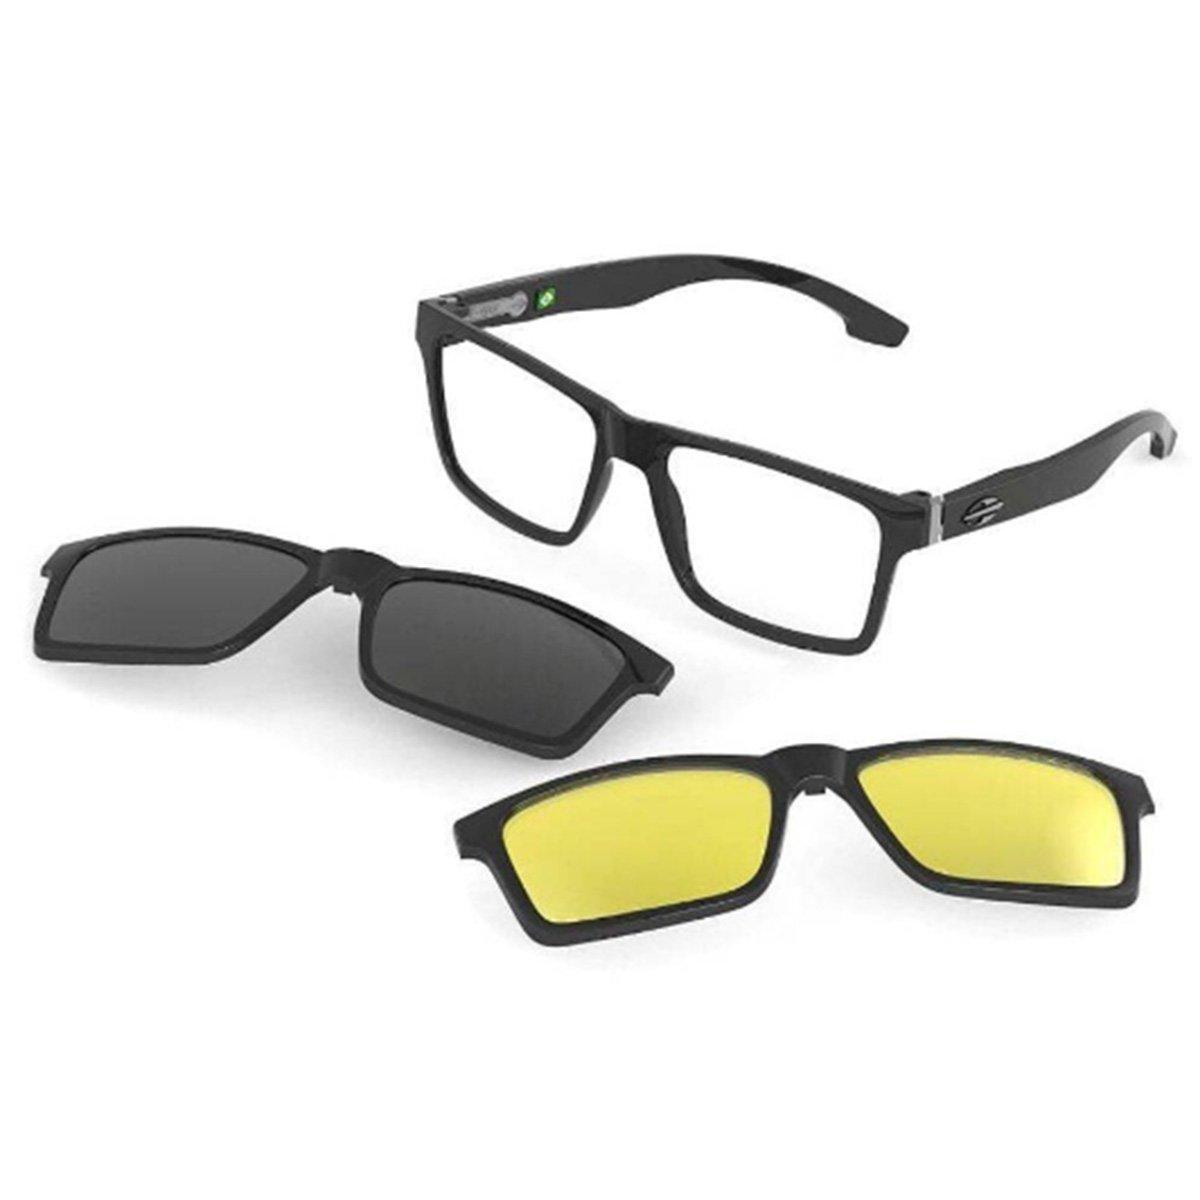 6d626d20d Compre Óculos de Grau Mormaii Swap Clip On em 10X | Tri-Jóia Shop